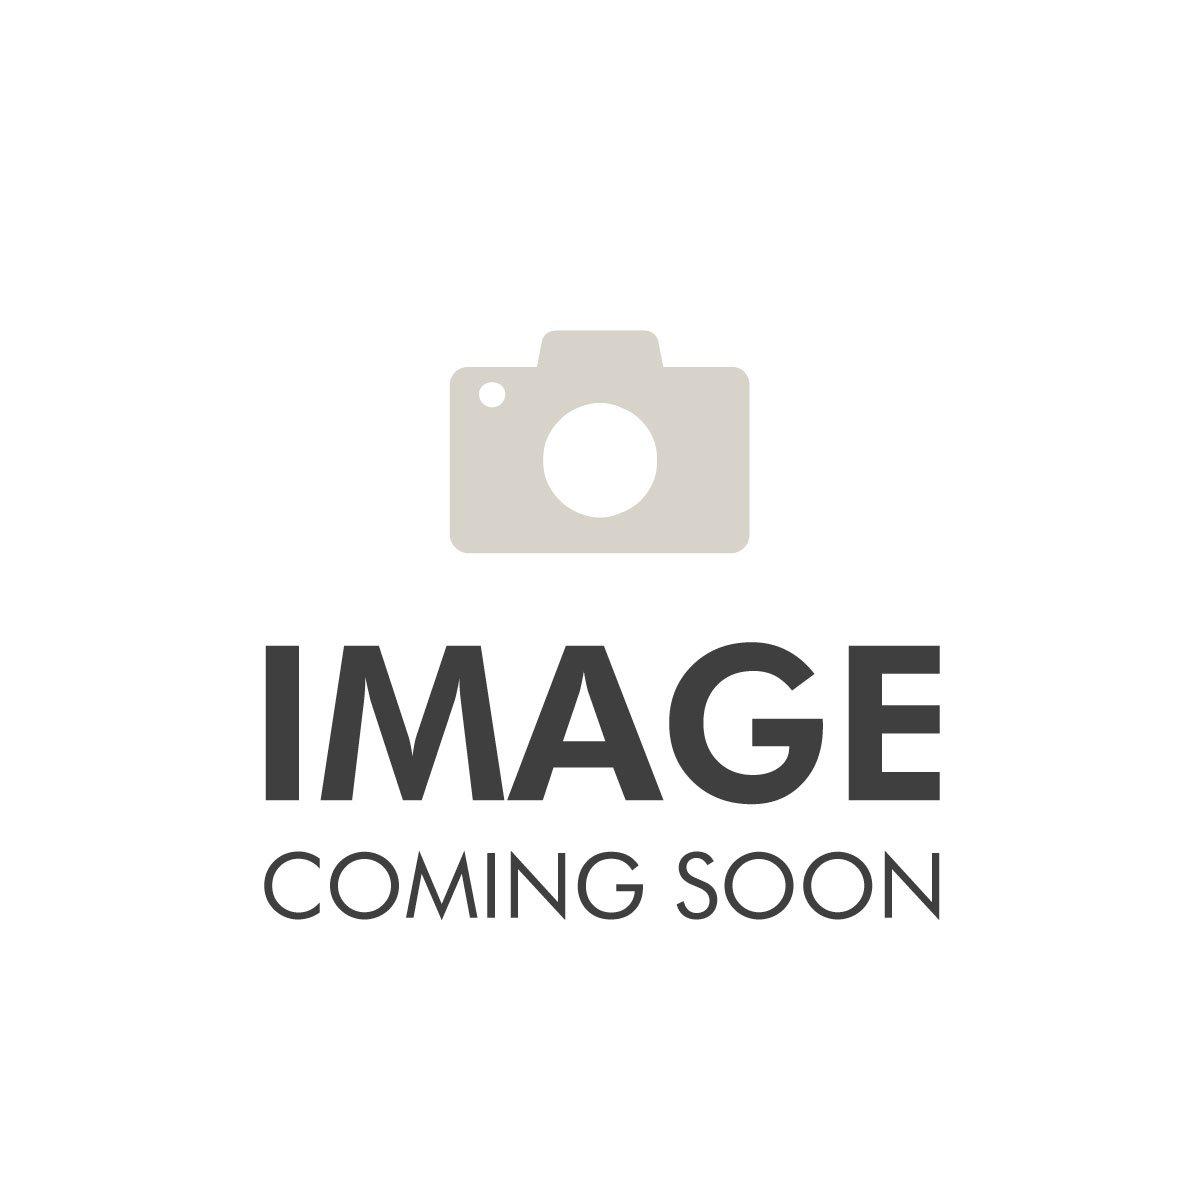 Allstar - Pointe de fleuret complète - TiN